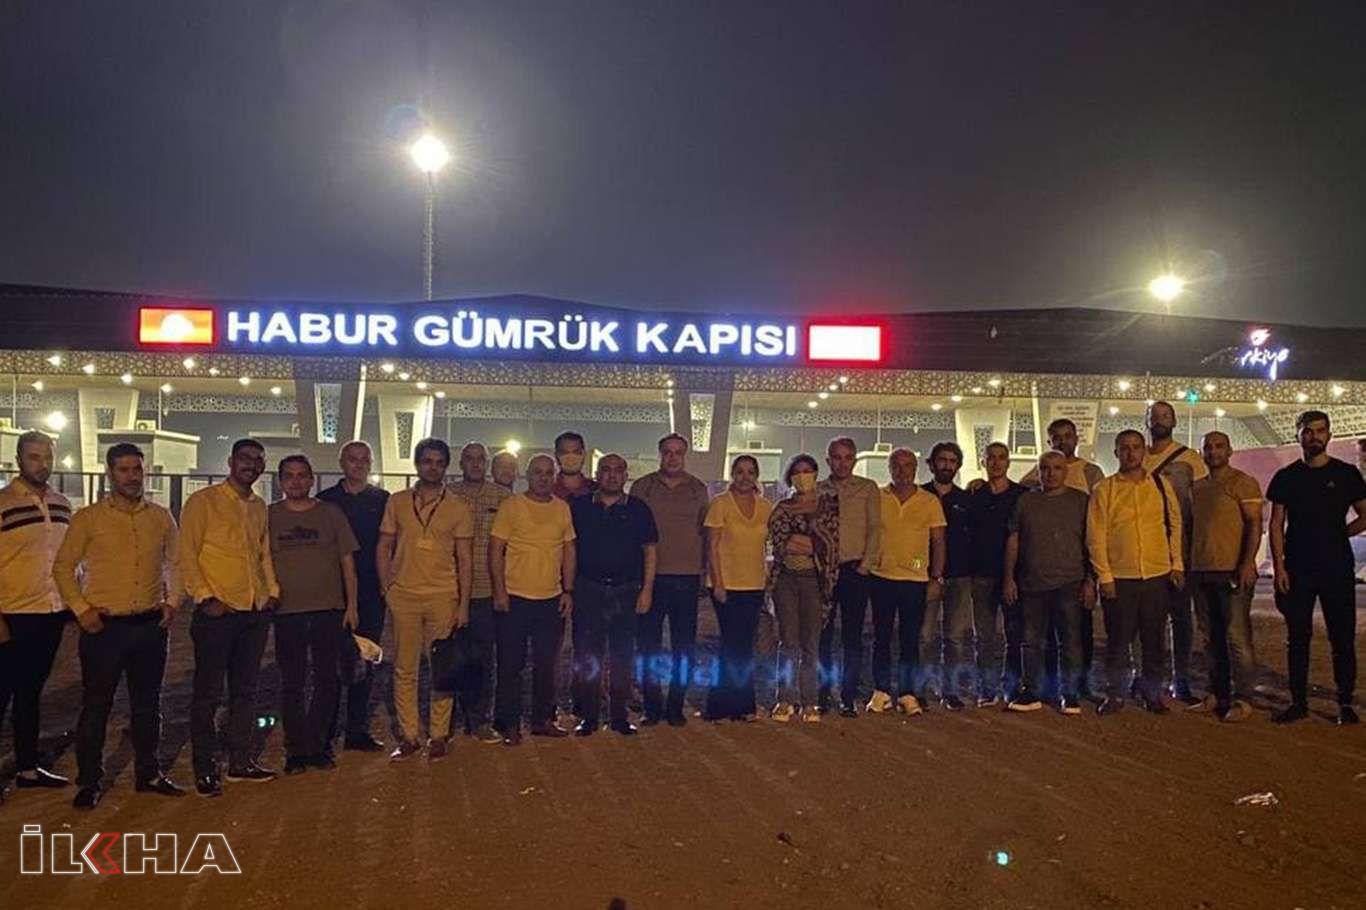 Ticaret Forumuna katılmak üzere Türkiyeden iş insanları Irak Kürdistanına gitti